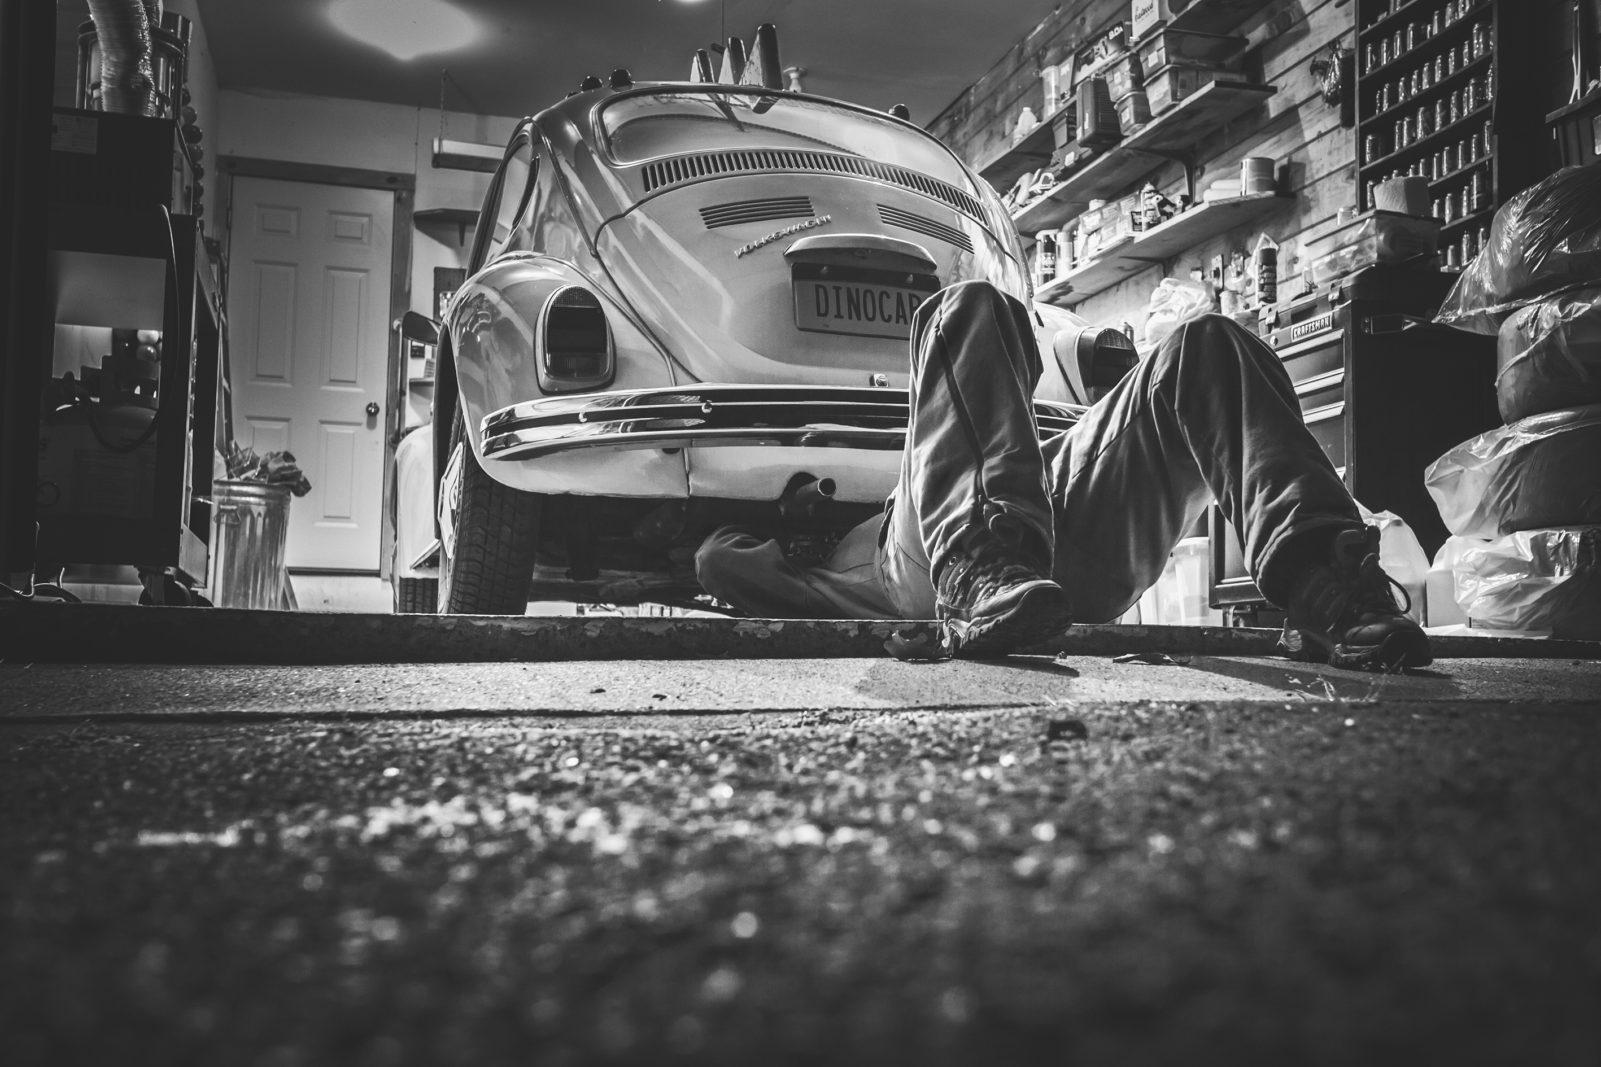 Auto Leasingvertrag künden: Was ist zu beachten?